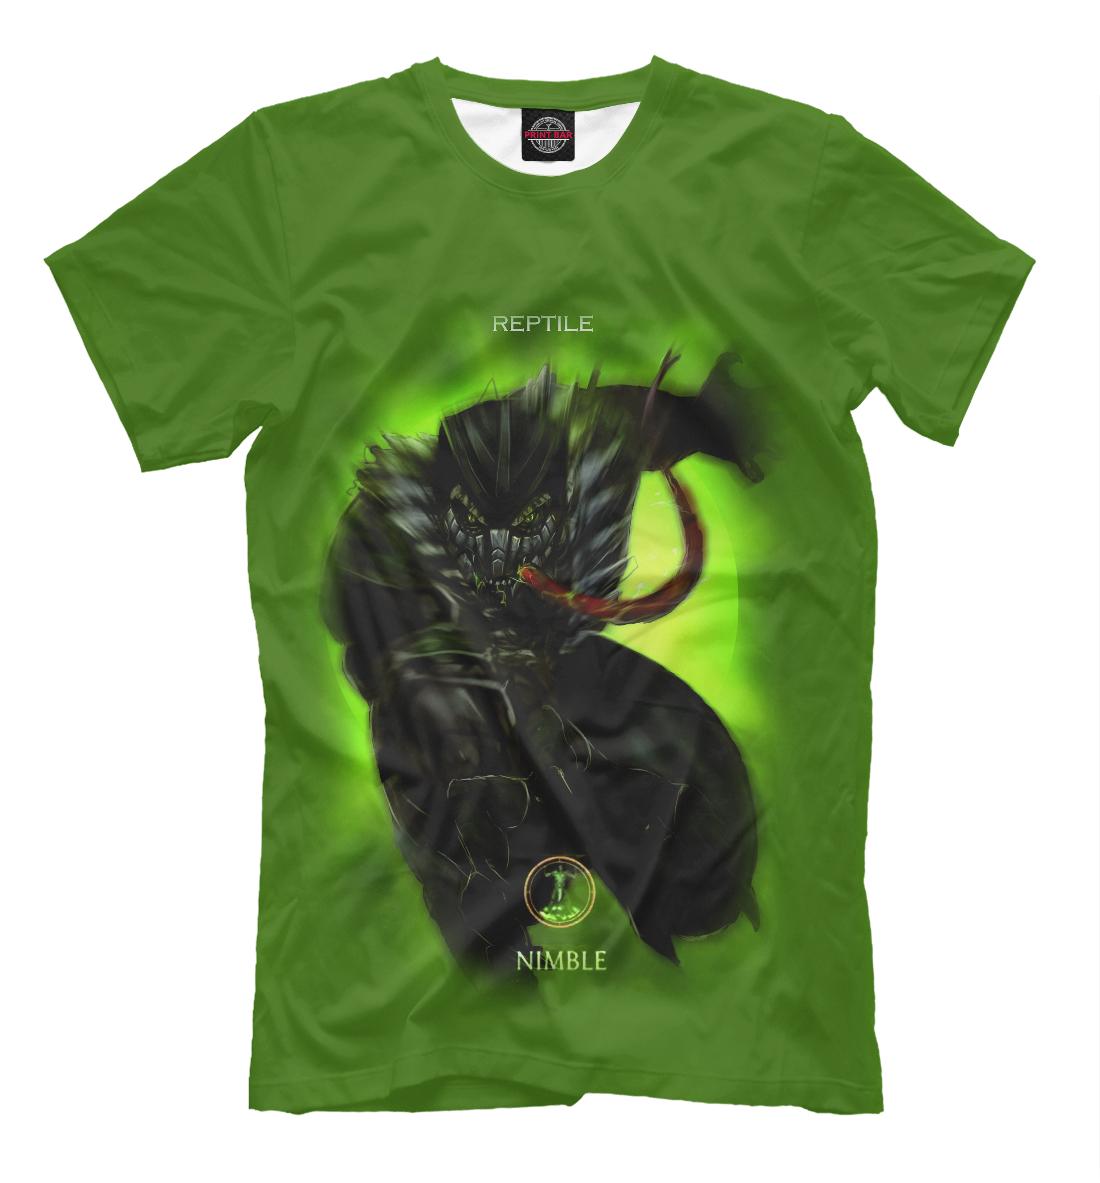 Купить Reptile, Printbar, Футболки, MKB-943175-fut-2